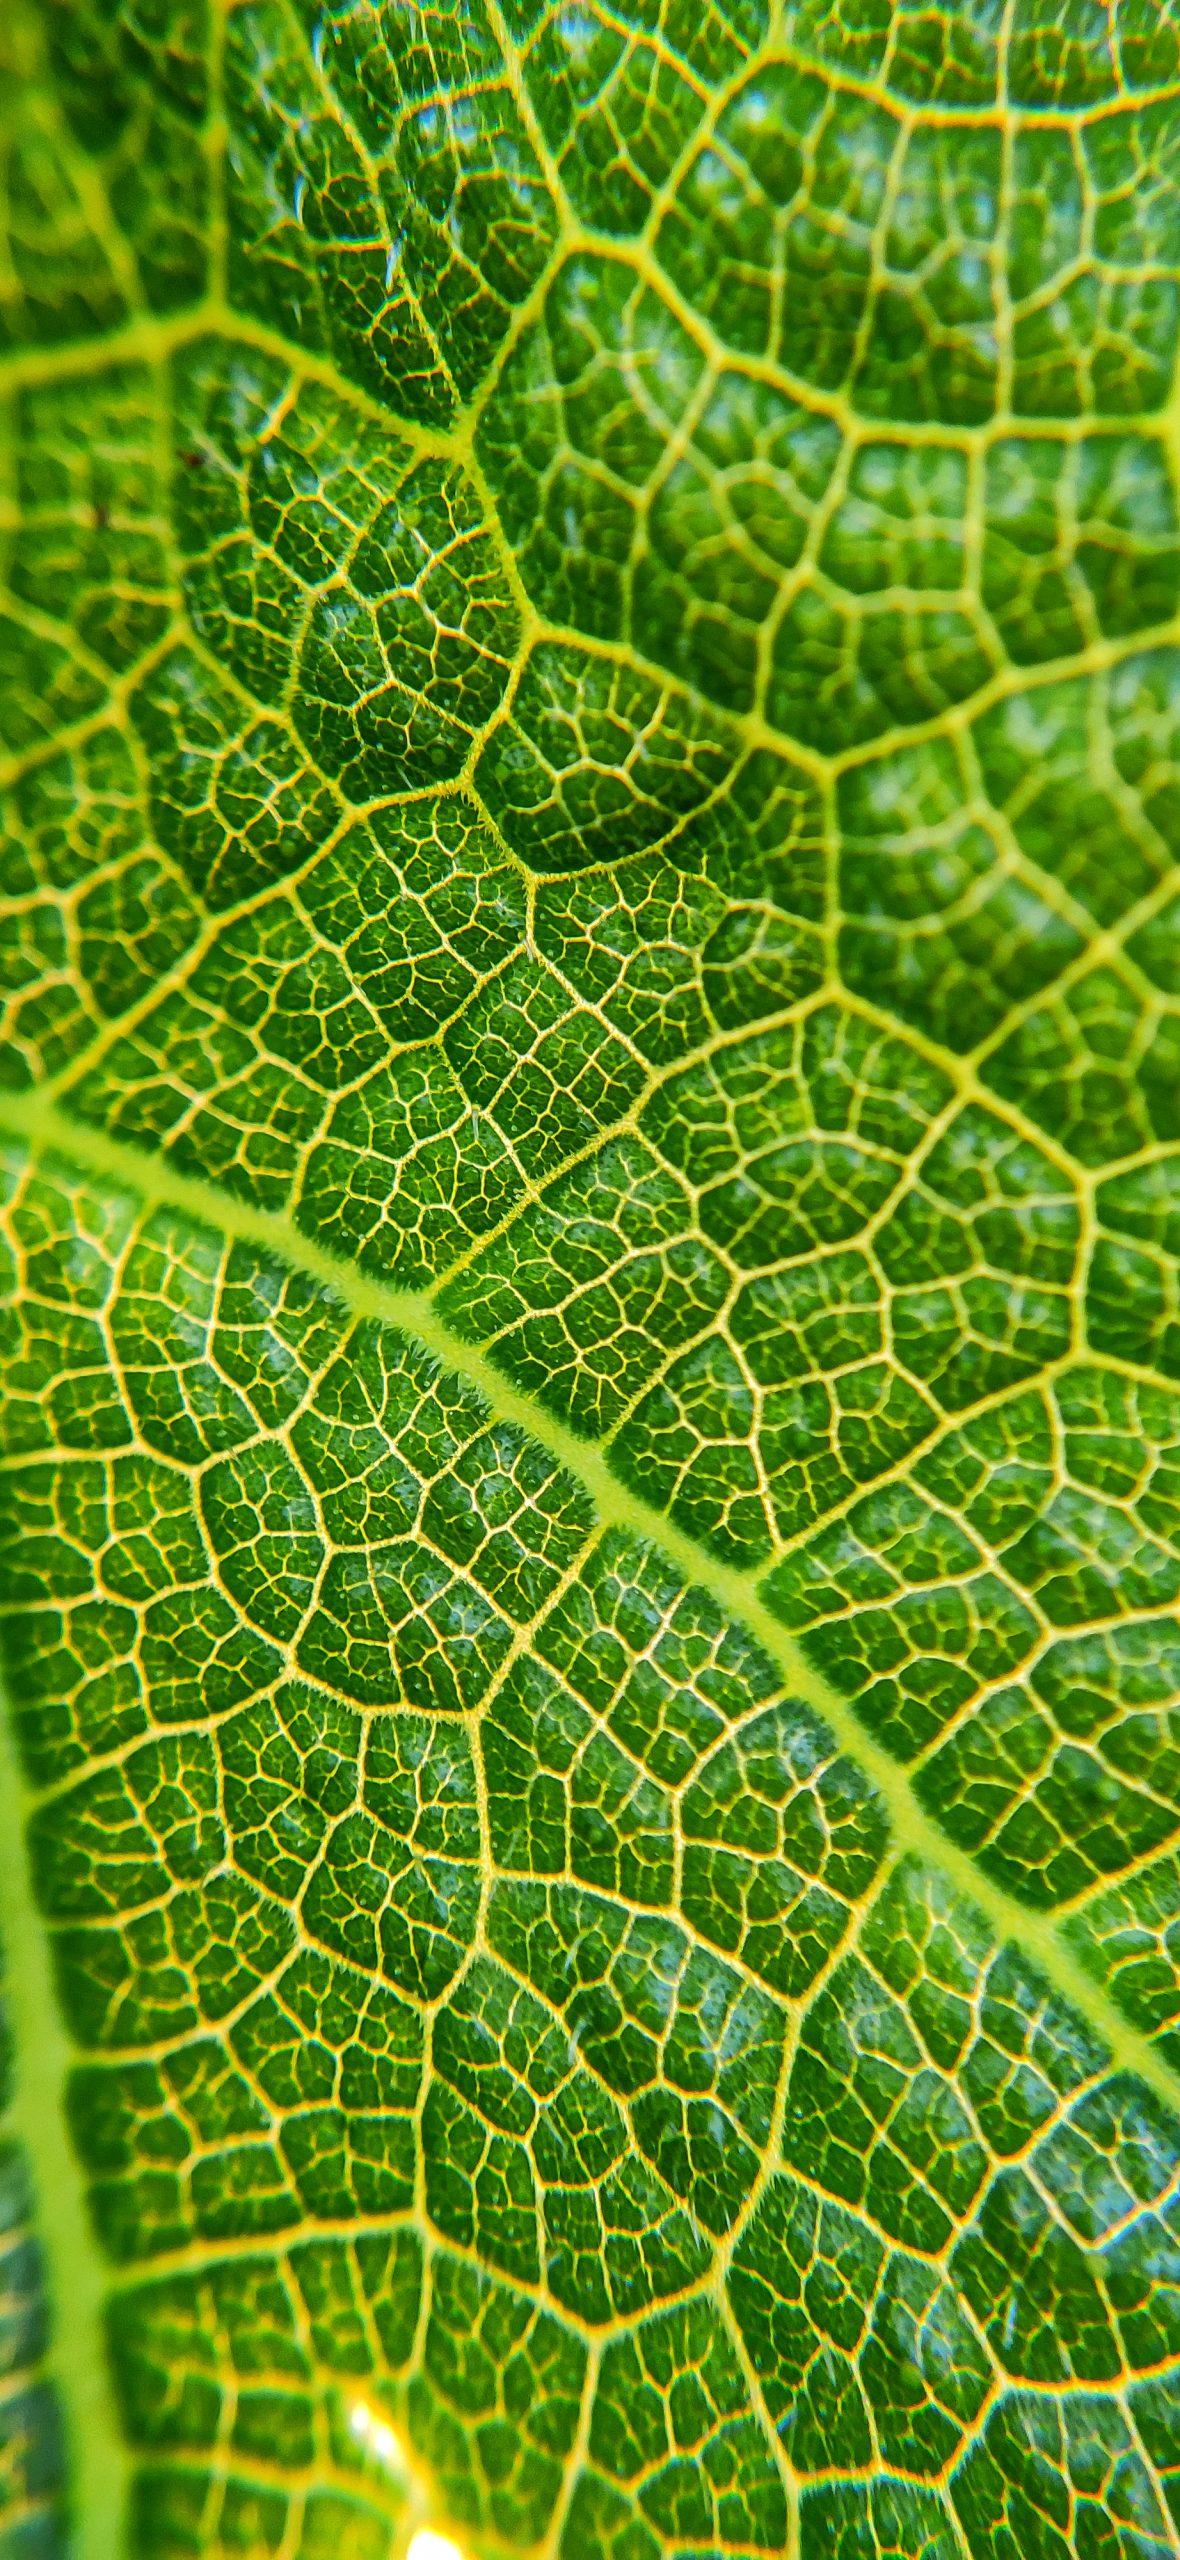 Veins of leaf